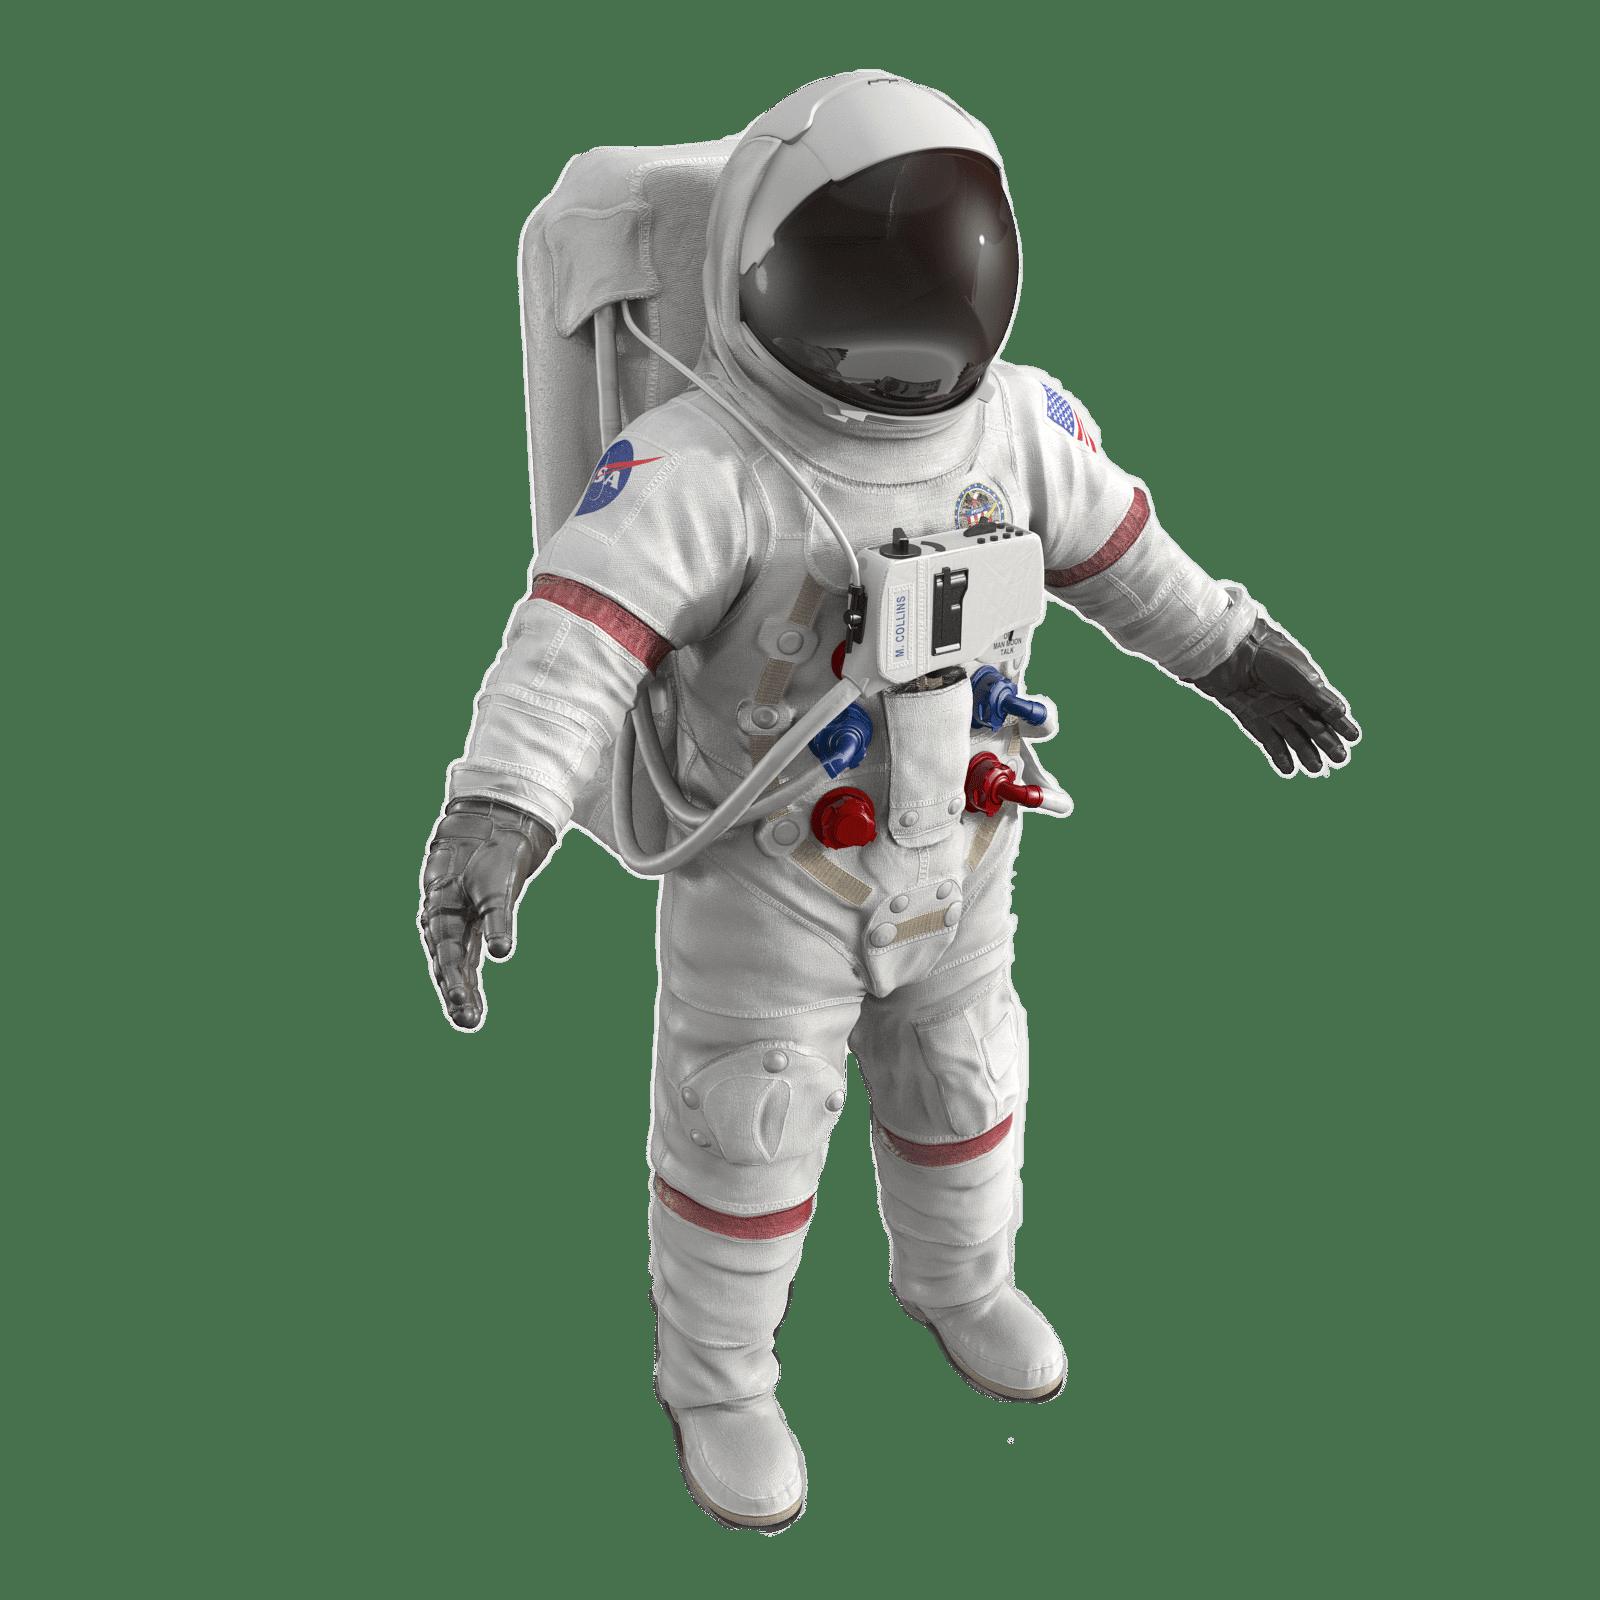 Transparent Background Astronaut Helmet Png | helmet